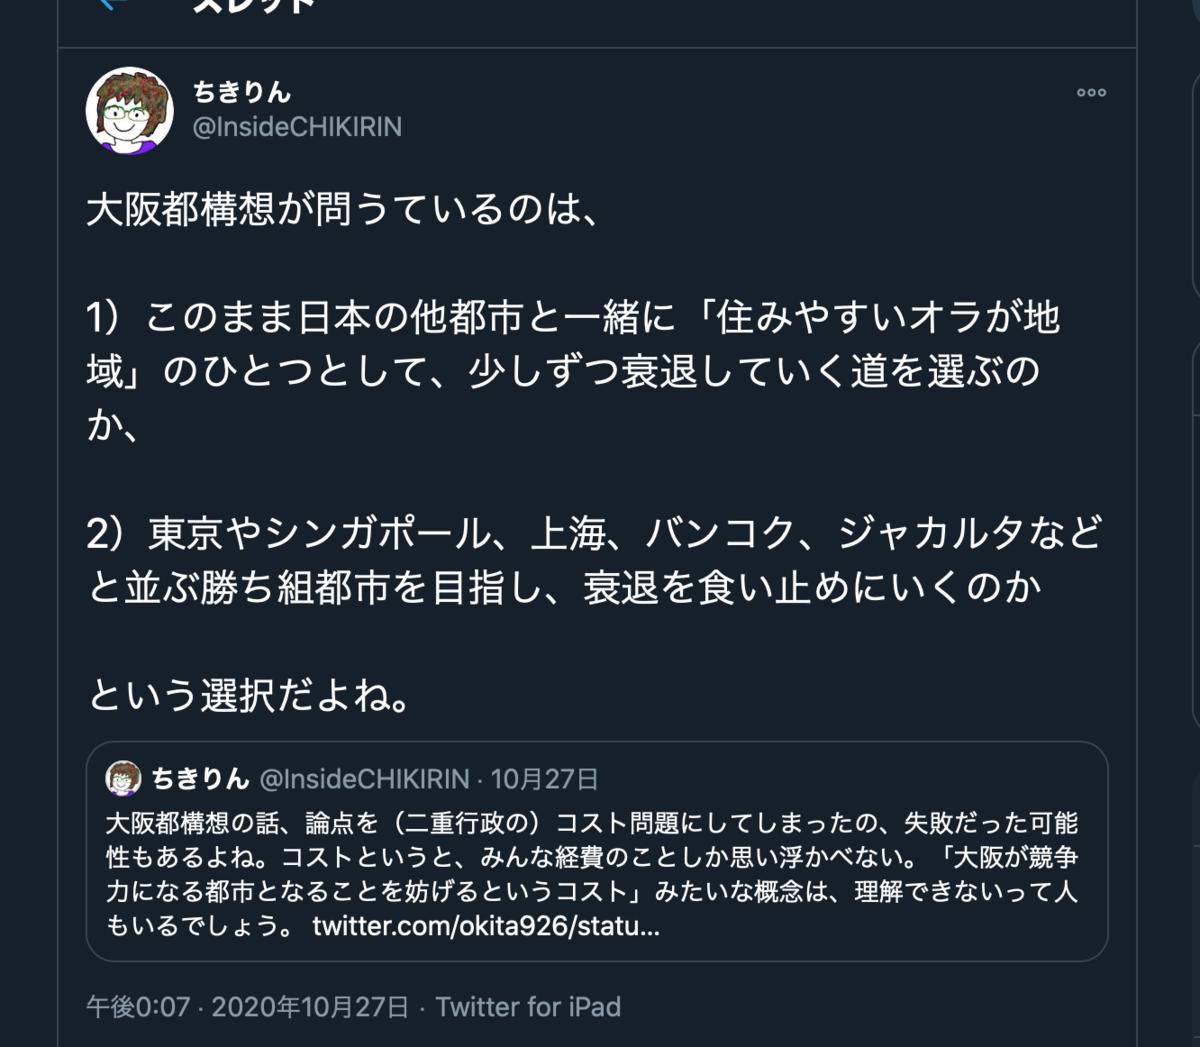 f:id:aki_pwd7:20201028161526p:plain